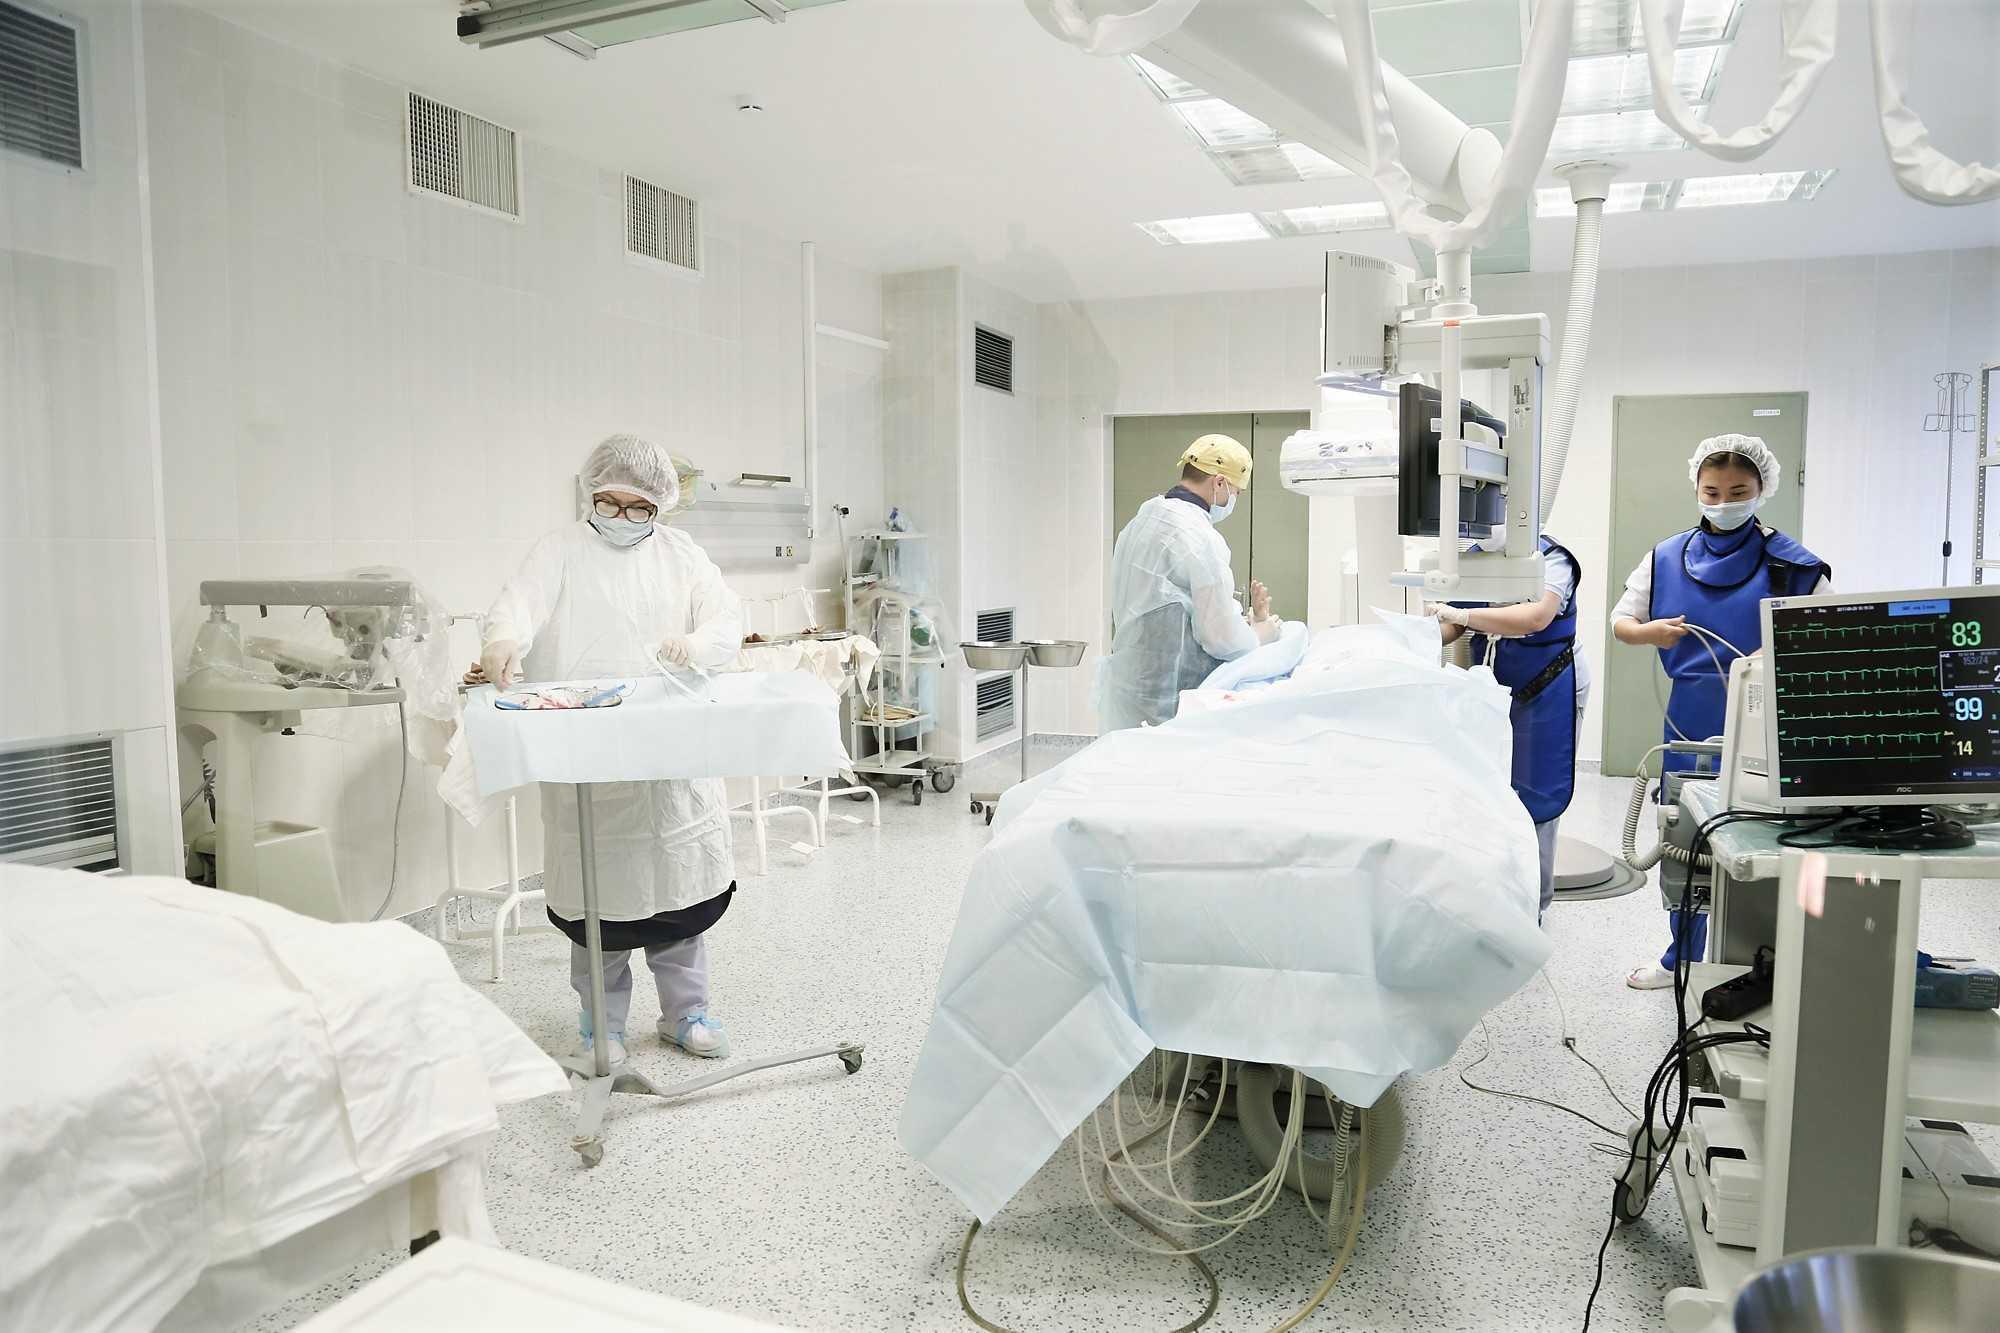 Астраханские хирурги освоили новый метод хирургического вмешательства на головном мозге